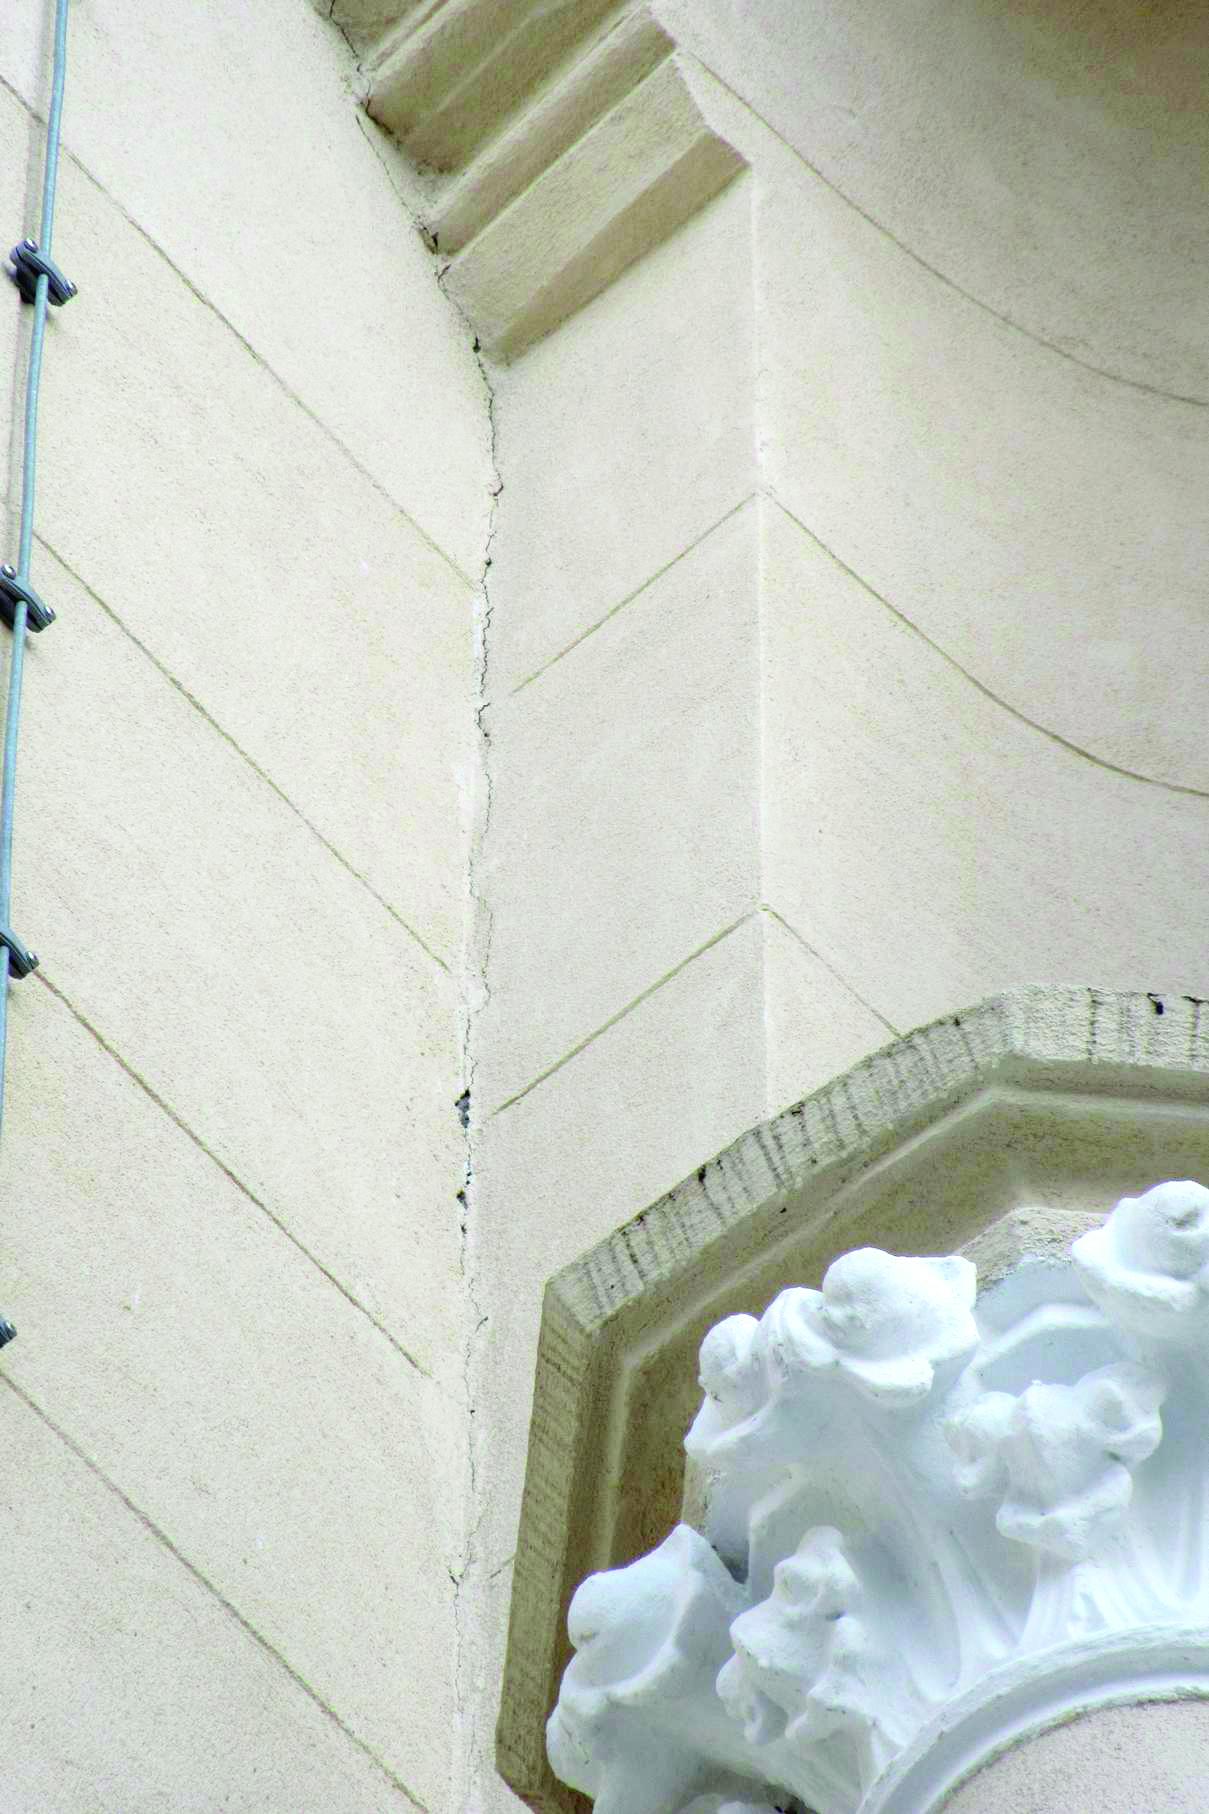 Iași: Au apărut fisuri la Palatul Culturii, clădire inaugurată anul trecut, după ce a fost restaurată cu 23 de milioane de euro 2